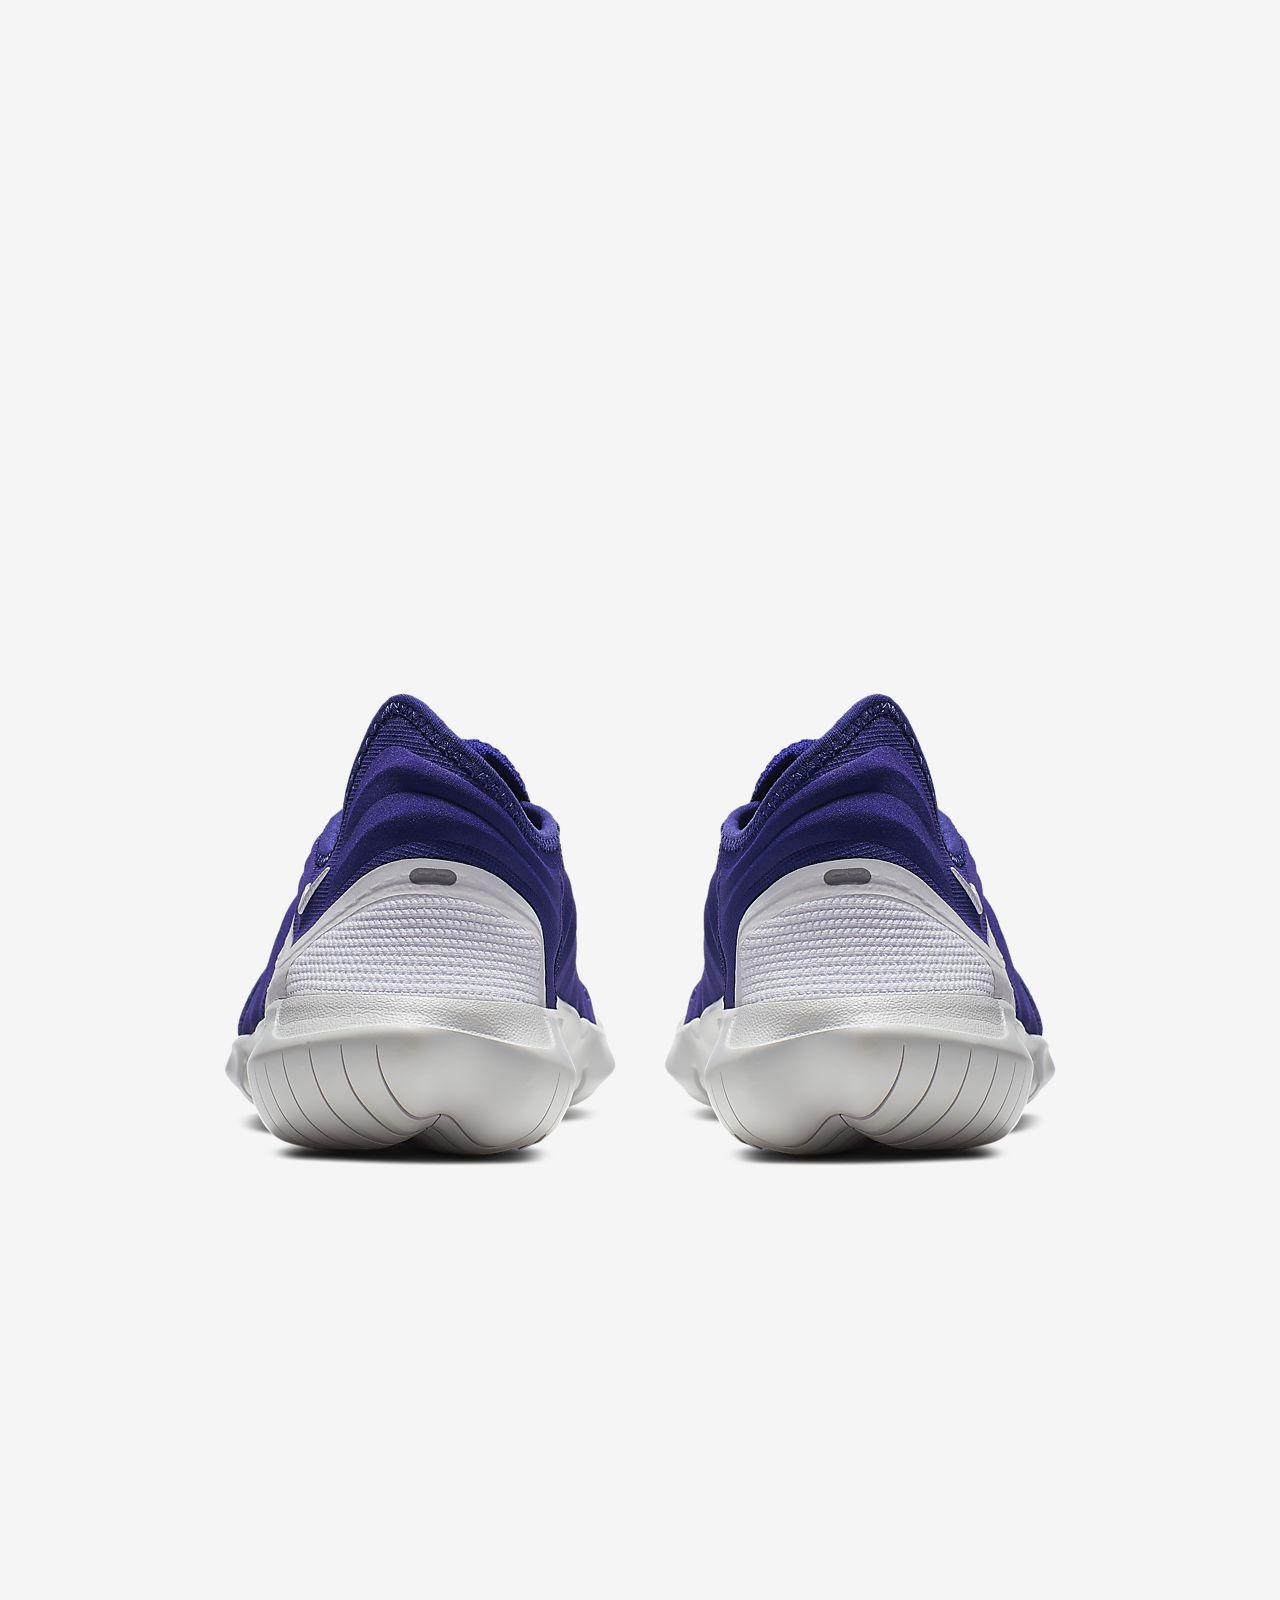 official photos d9b9a a3ecf ... Nike Free RN Flyknit 3.0 Men s Running Shoe